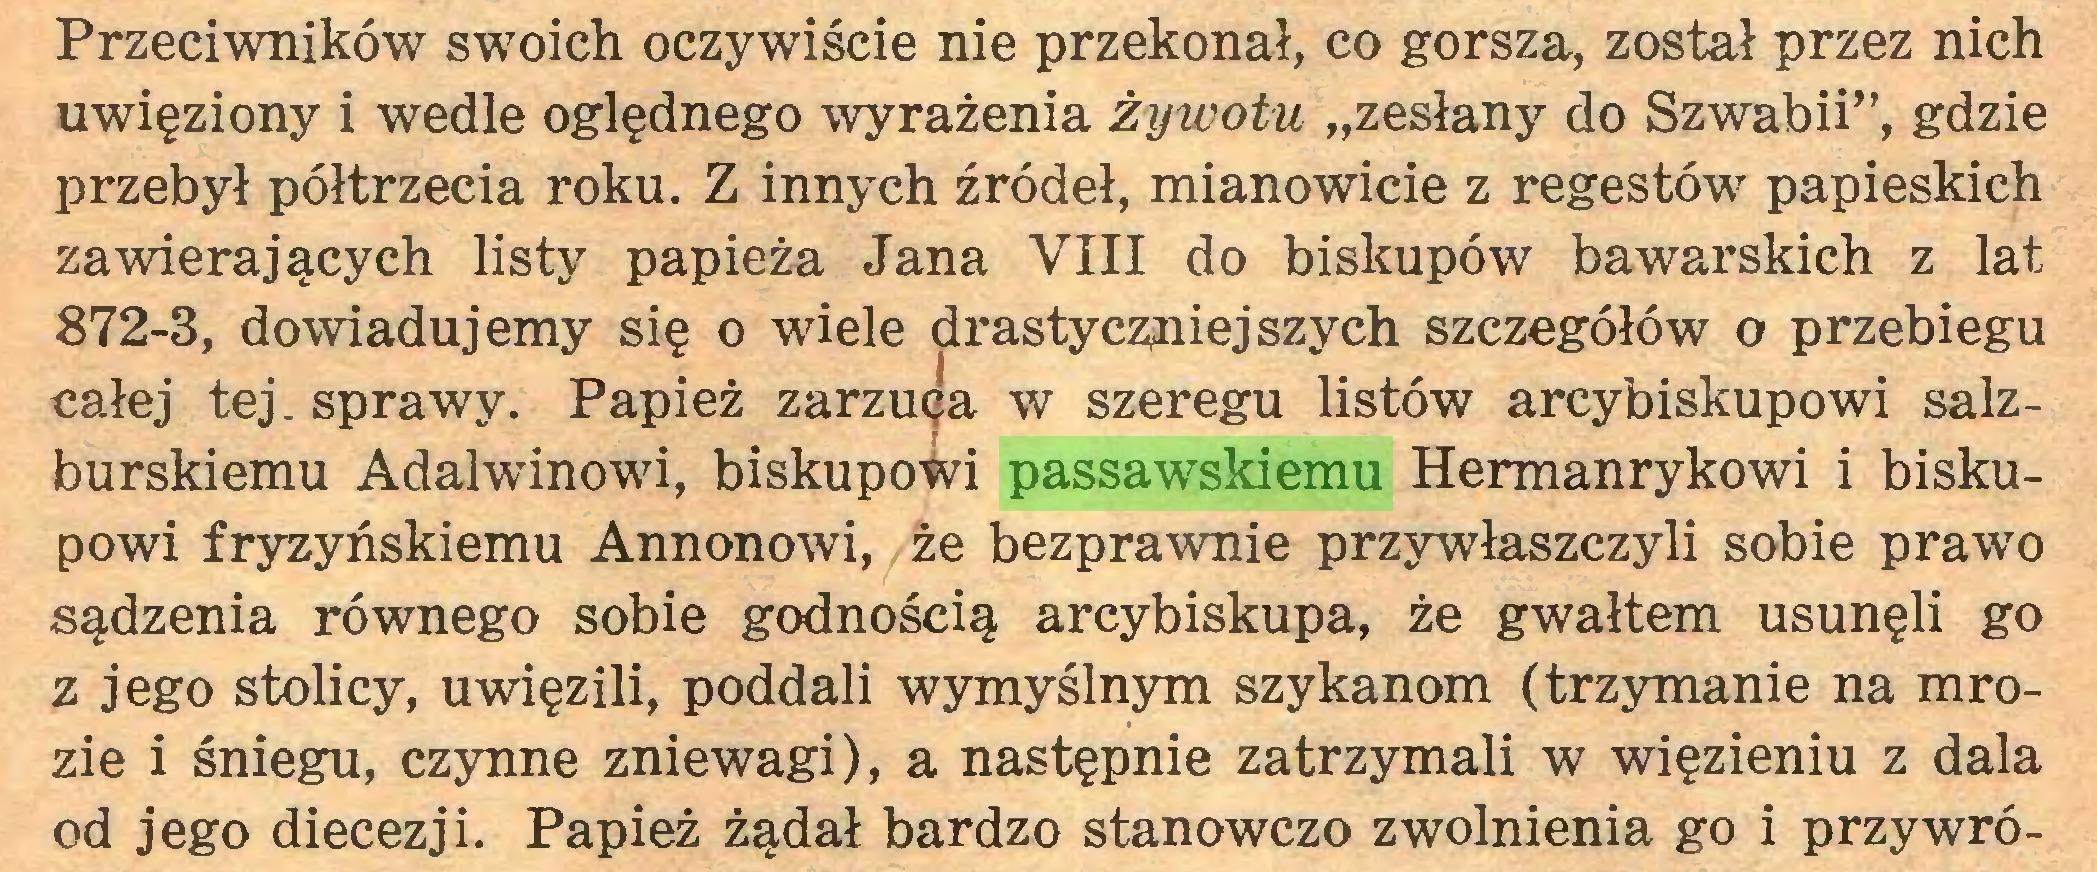 """(...) Przeciwników swoich oczywiście nie przekonał, co gorsza, został przez nich uwięziony i wedle oględnego wyrażenia żywotu """"zesłany do Szwabii"""", gdzie przebył półtrzecia roku. Z innych źródeł, mianowicie z regestów papieskich zawierających listy papieża Jana VIII do biskupów bawarskich z lat 872-3, dowiadujemy się o wiele drastyczniejszych szczegółów o przebiegu całej tej. sprawy. Papież zarzuca w szeregu listów arcybiskupowi salzburskiemu Adalwinowi, biskupowi passawskiemu Hermanrykowi i biskupowi fryzyńskiemu Annonowi, że bezprawnie przywłaszczyli sobie prawo sądzenia równego sobie godnością arcybiskupa, że gwałtem usunęli go z jego stolicy, uwięzili, poddali wymyślnym szykanom (trzymanie na mrozie i śniegu, czynne zniewagi), a następnie zatrzymali w więzieniu z dala od jego diecezji. Papież żądał bardzo stanowczo zwolnienia go i przywró..."""